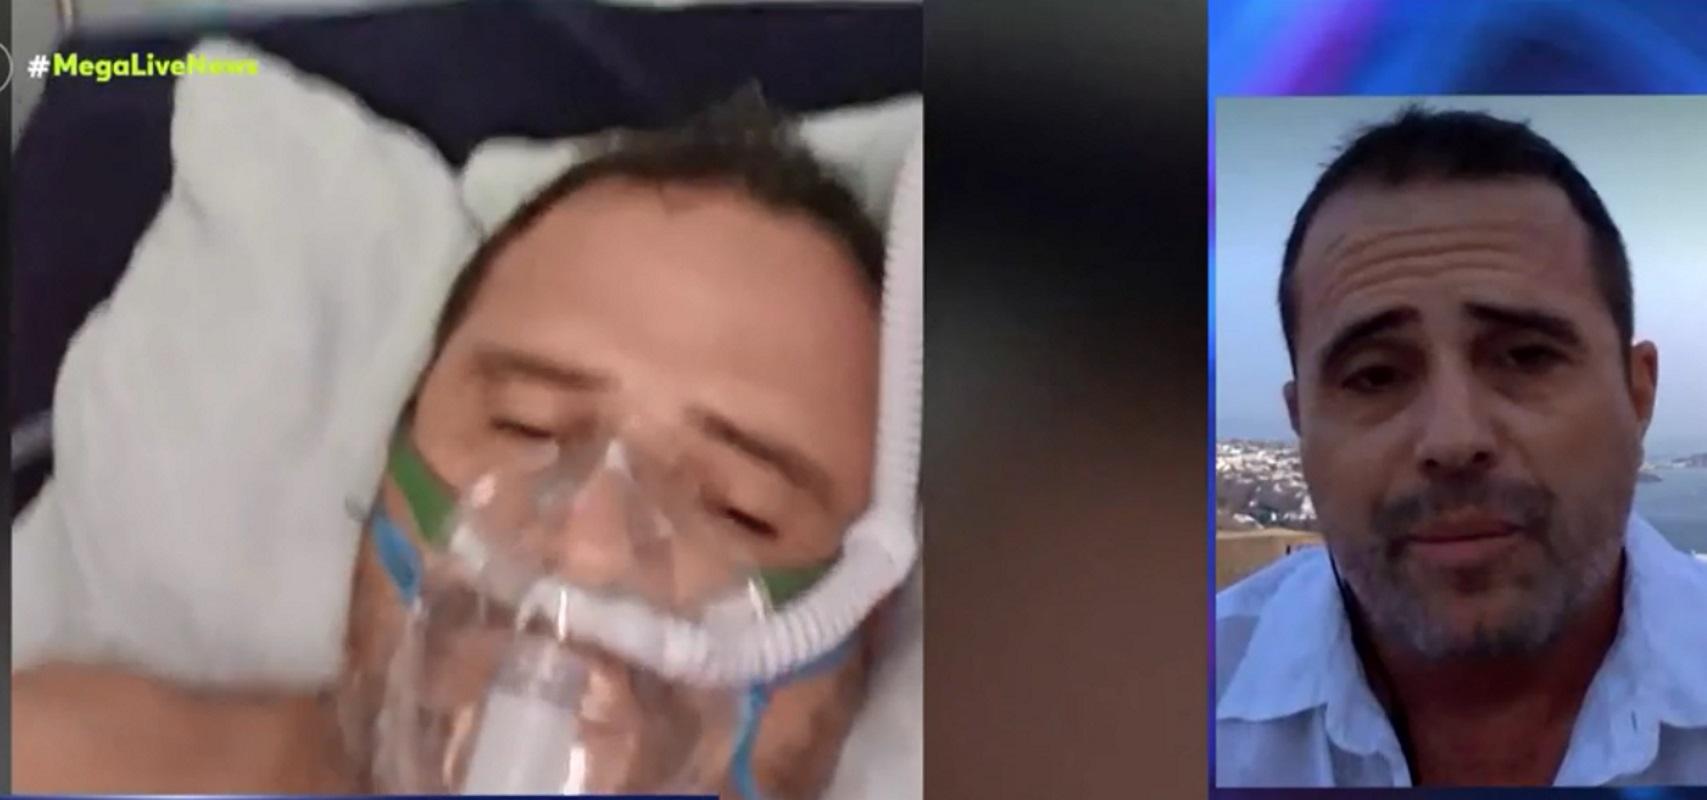 Αντιδήμαρχος Μυκόνου στο Live News: «Αν δεν είχα εμβολιαστεί μπορεί να μην μιλούσαμε τώρα»